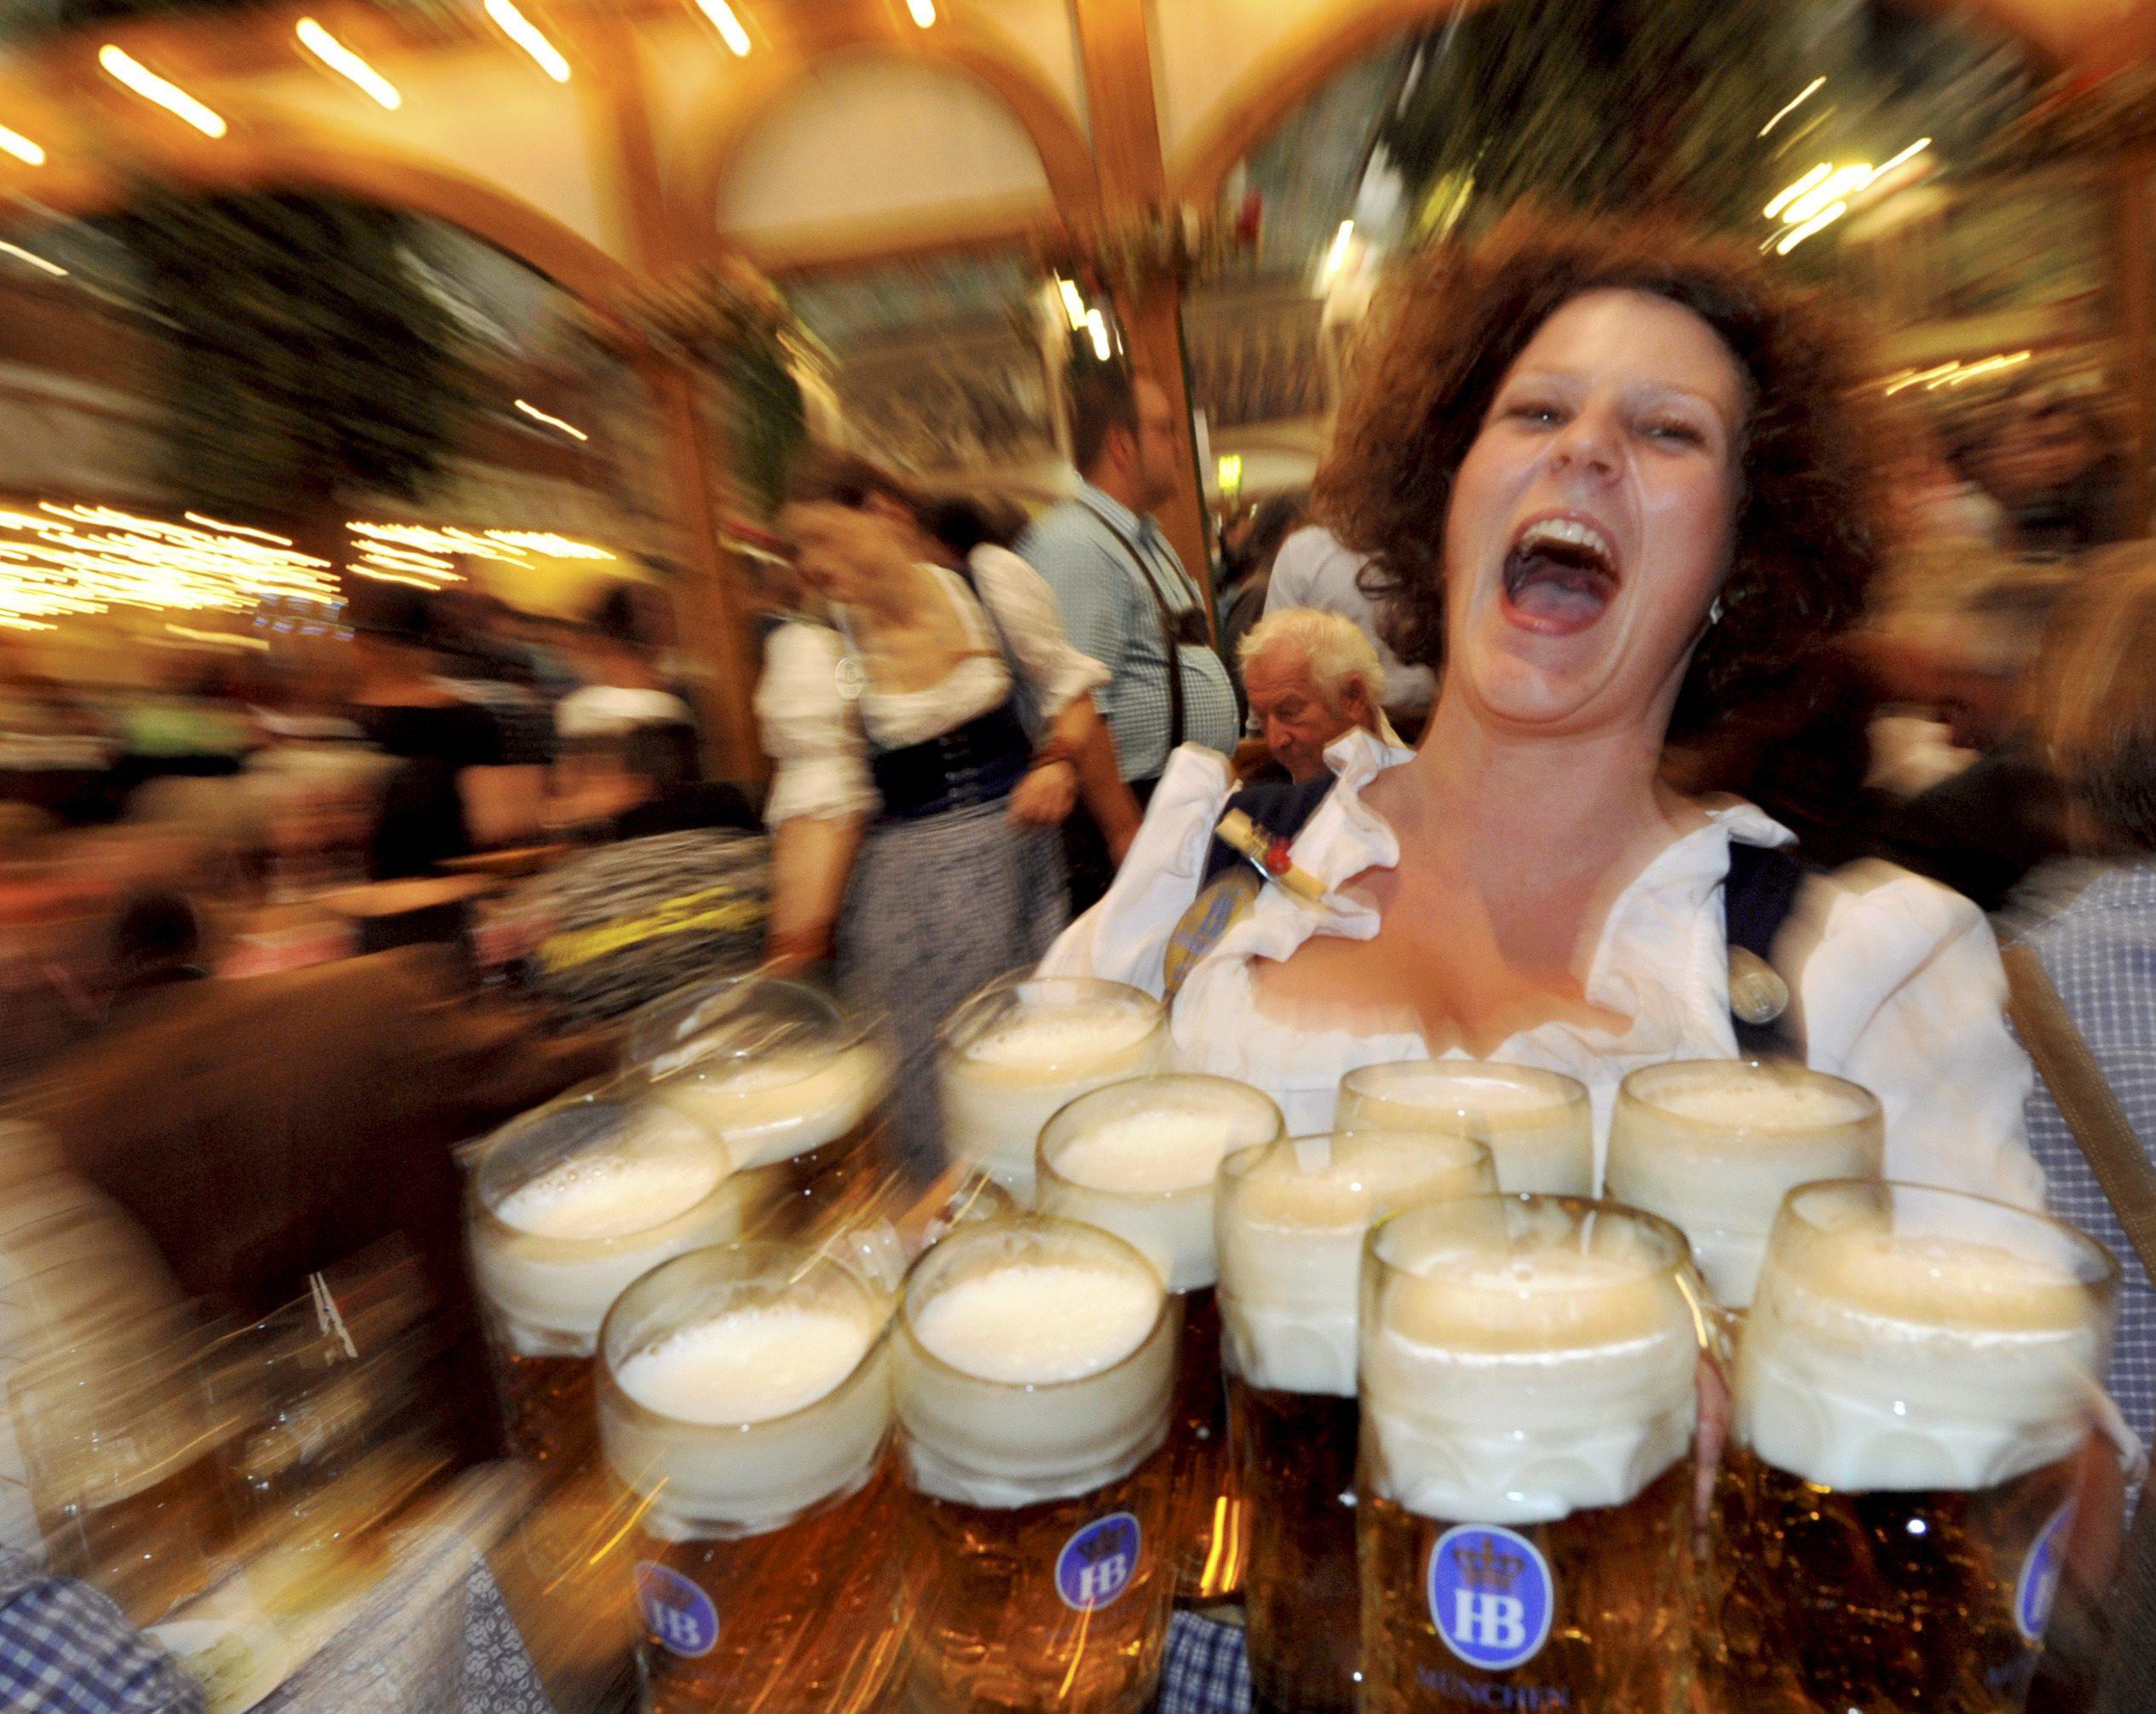 остановок прикольные фото и картинки на тему пива сорта отличаются